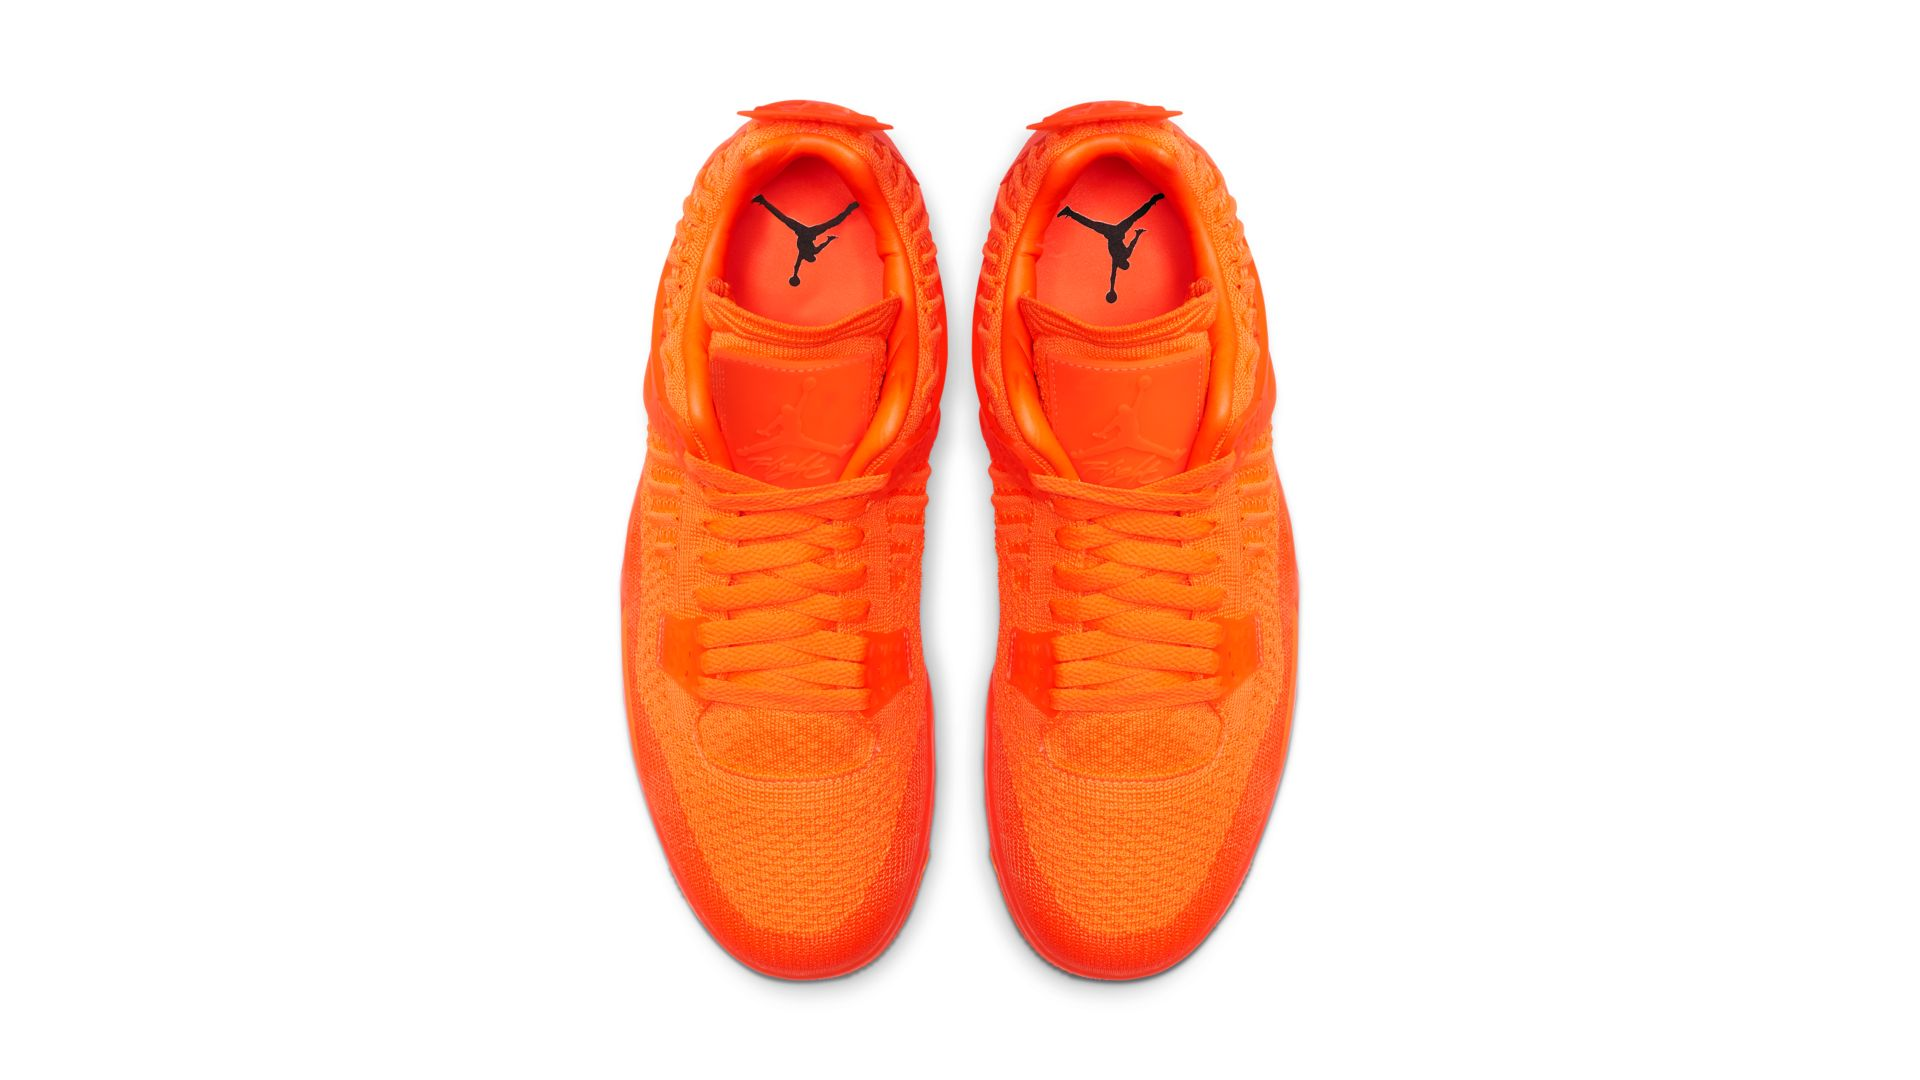 Jordan 4 Retro Flyknit Orange (AQ3559-800)